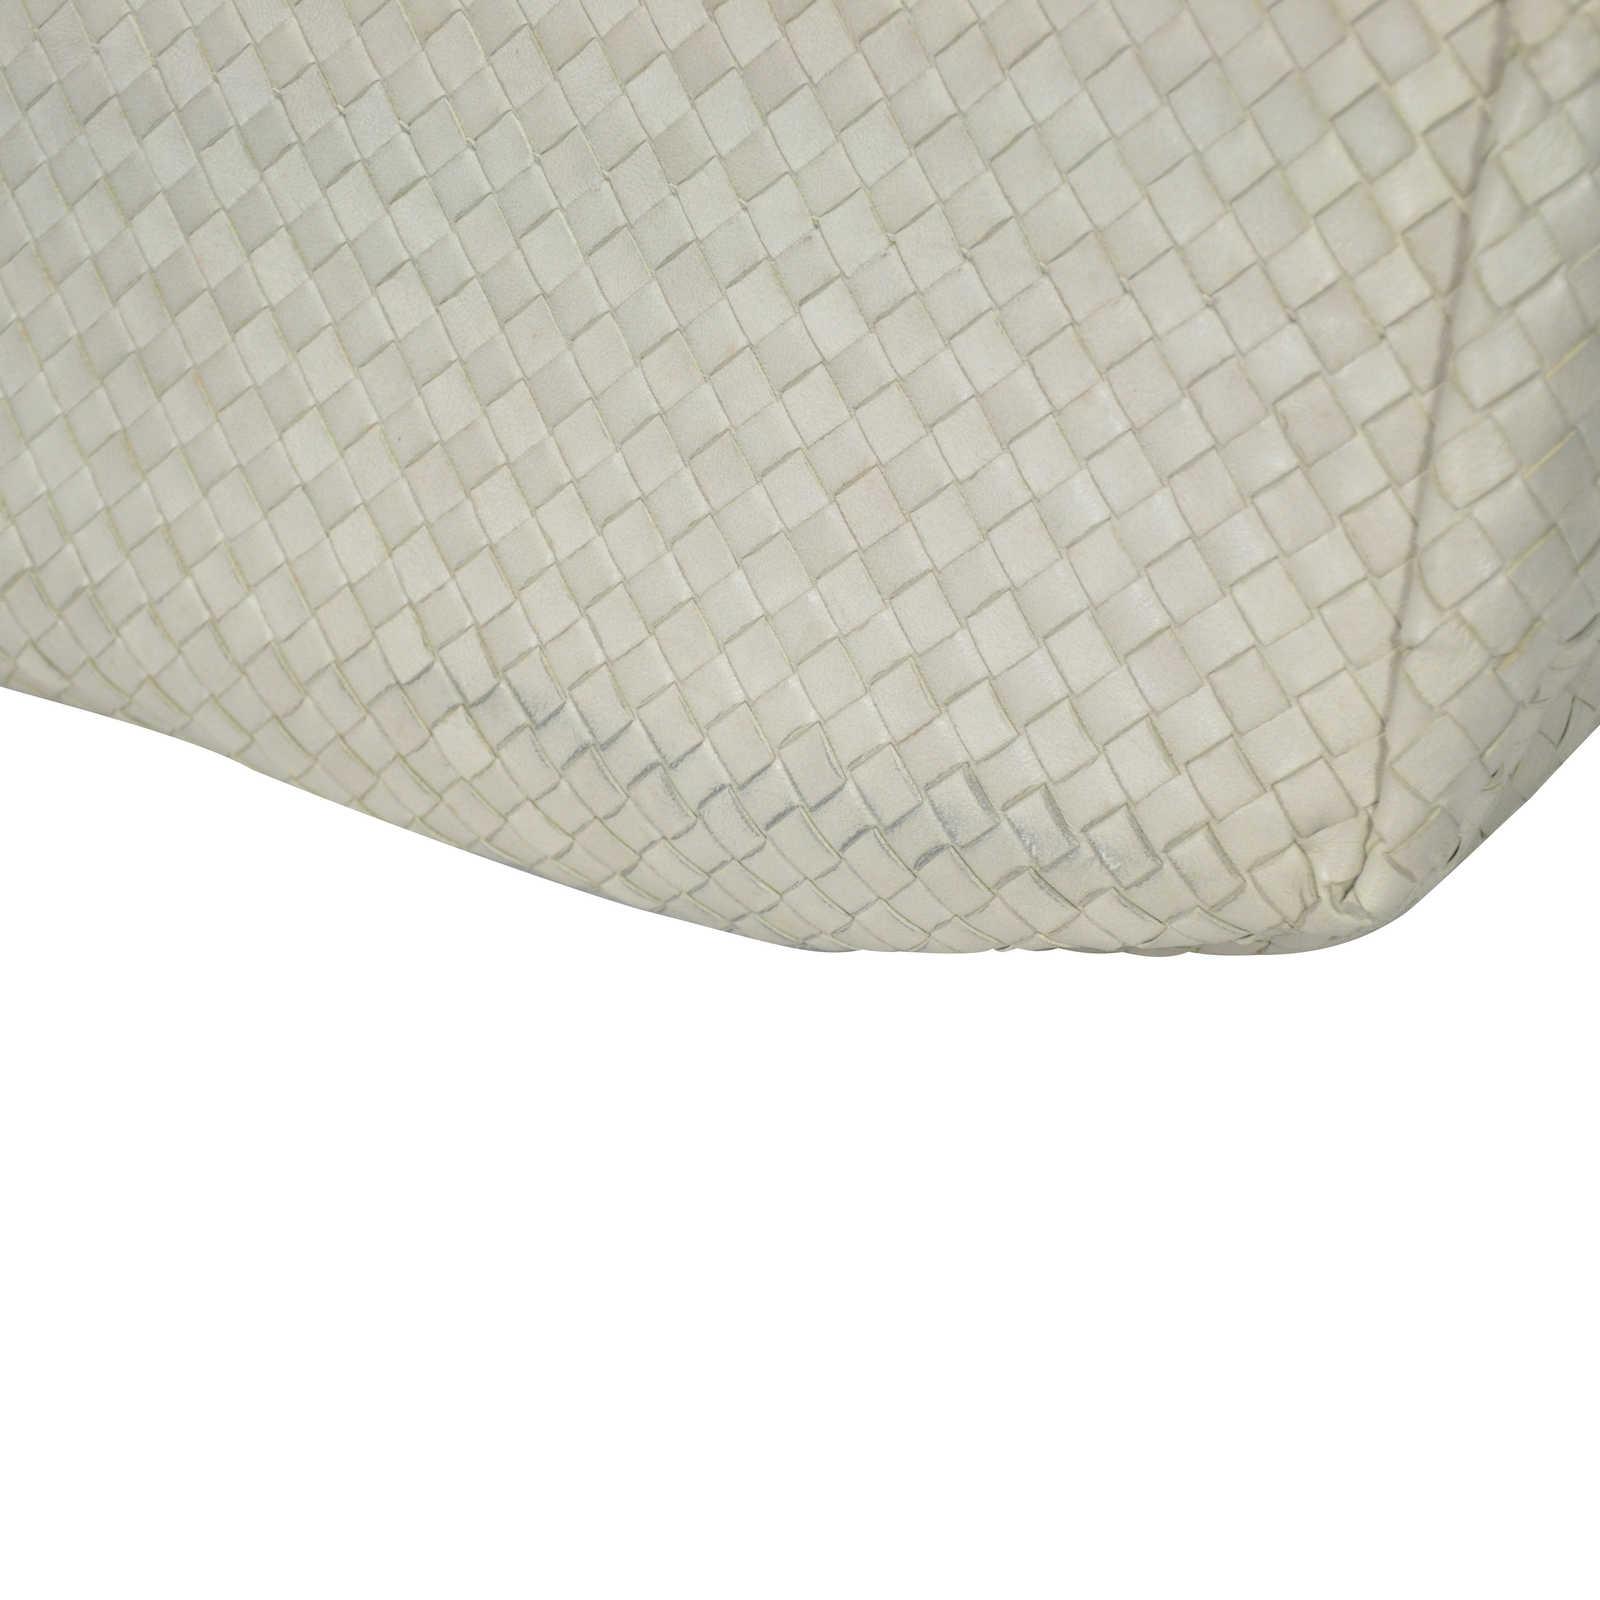 7fdce2c5c7 ... Authentic Second Hand Bottega Veneta Medium Roma Bag (PSS-249-00002) -